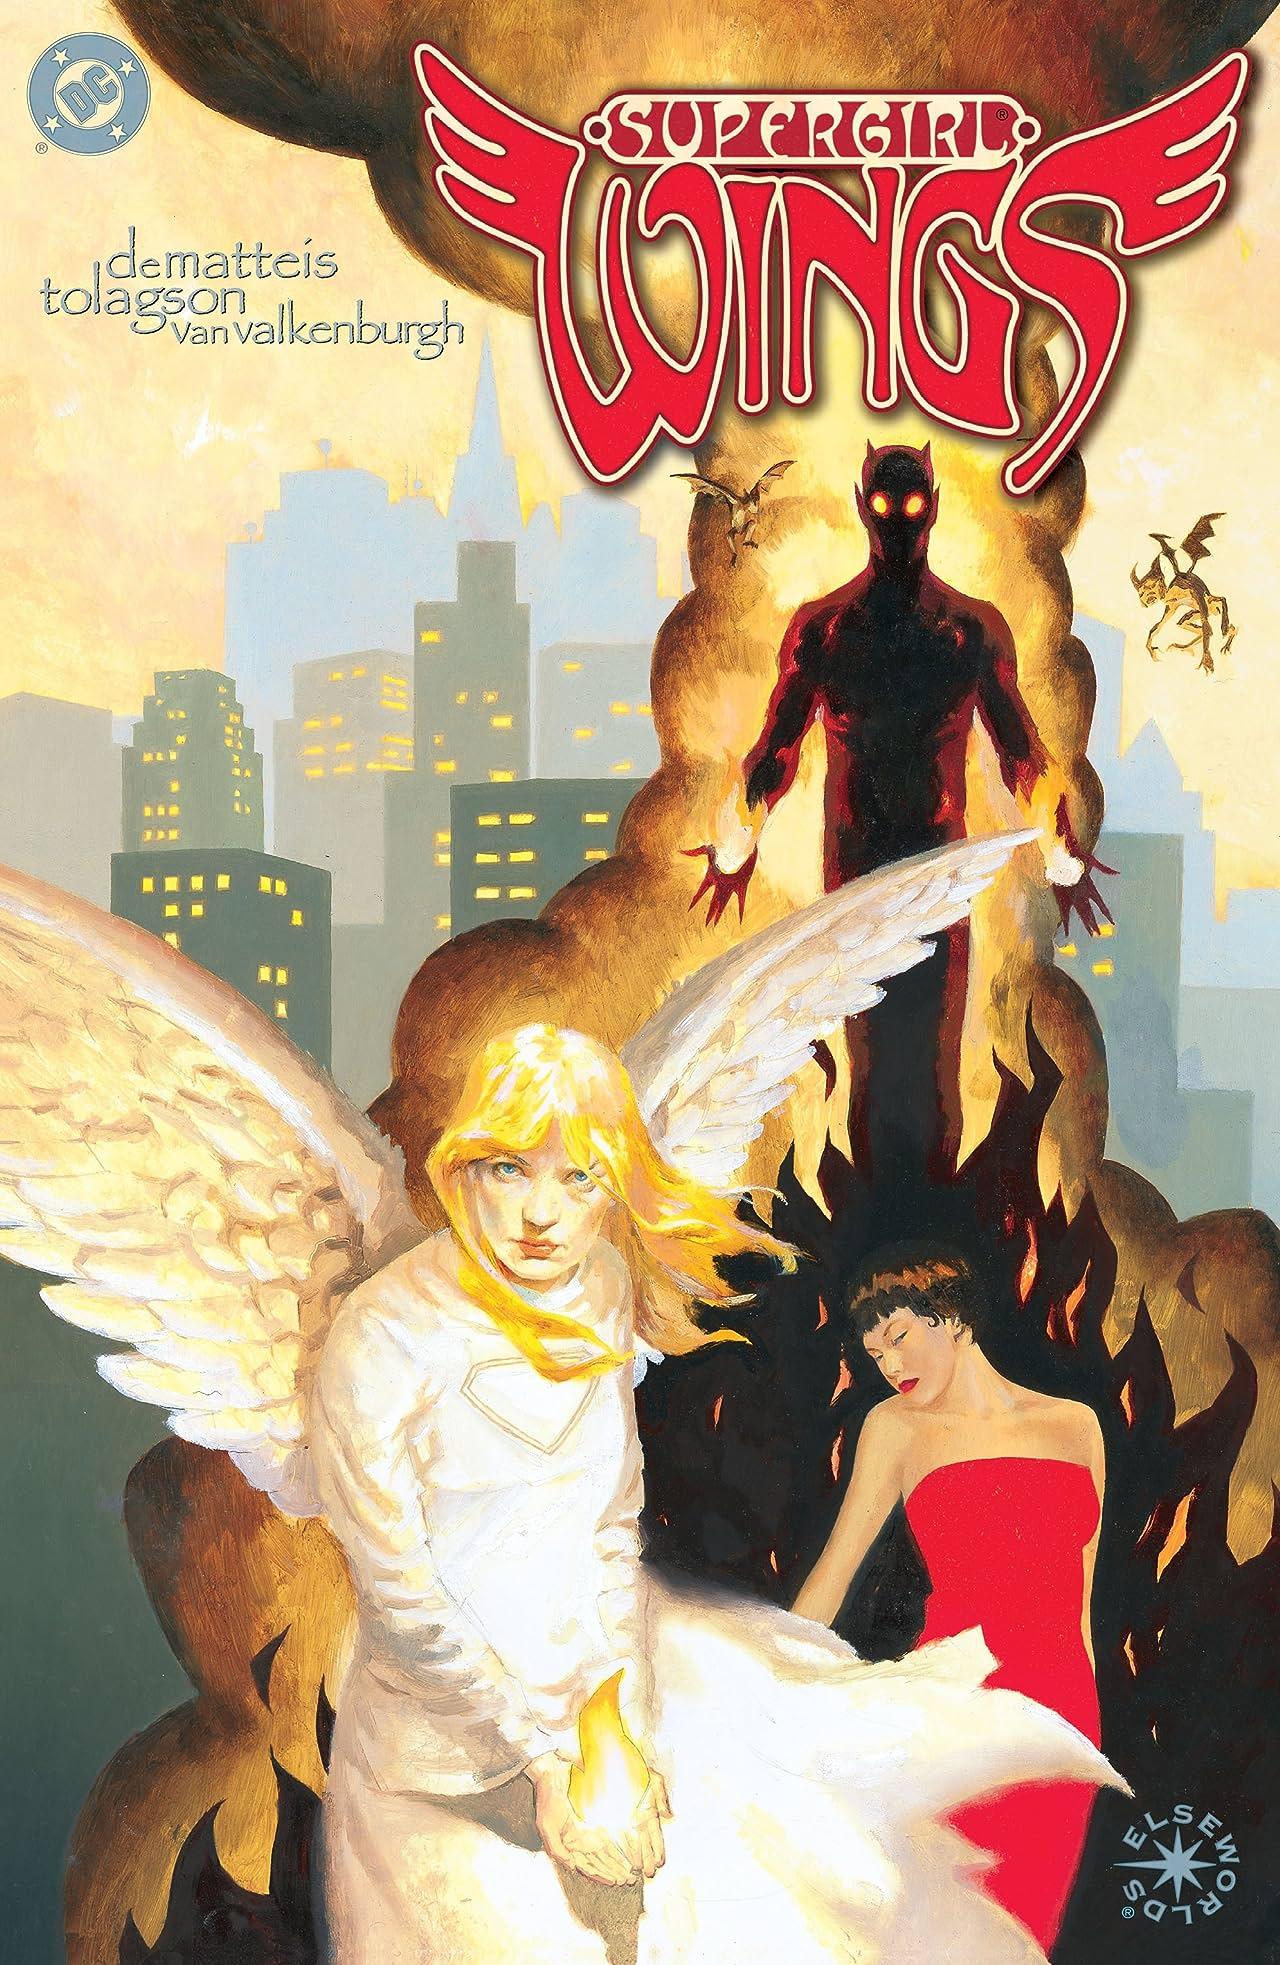 Supergirl: Wings (2001) #1